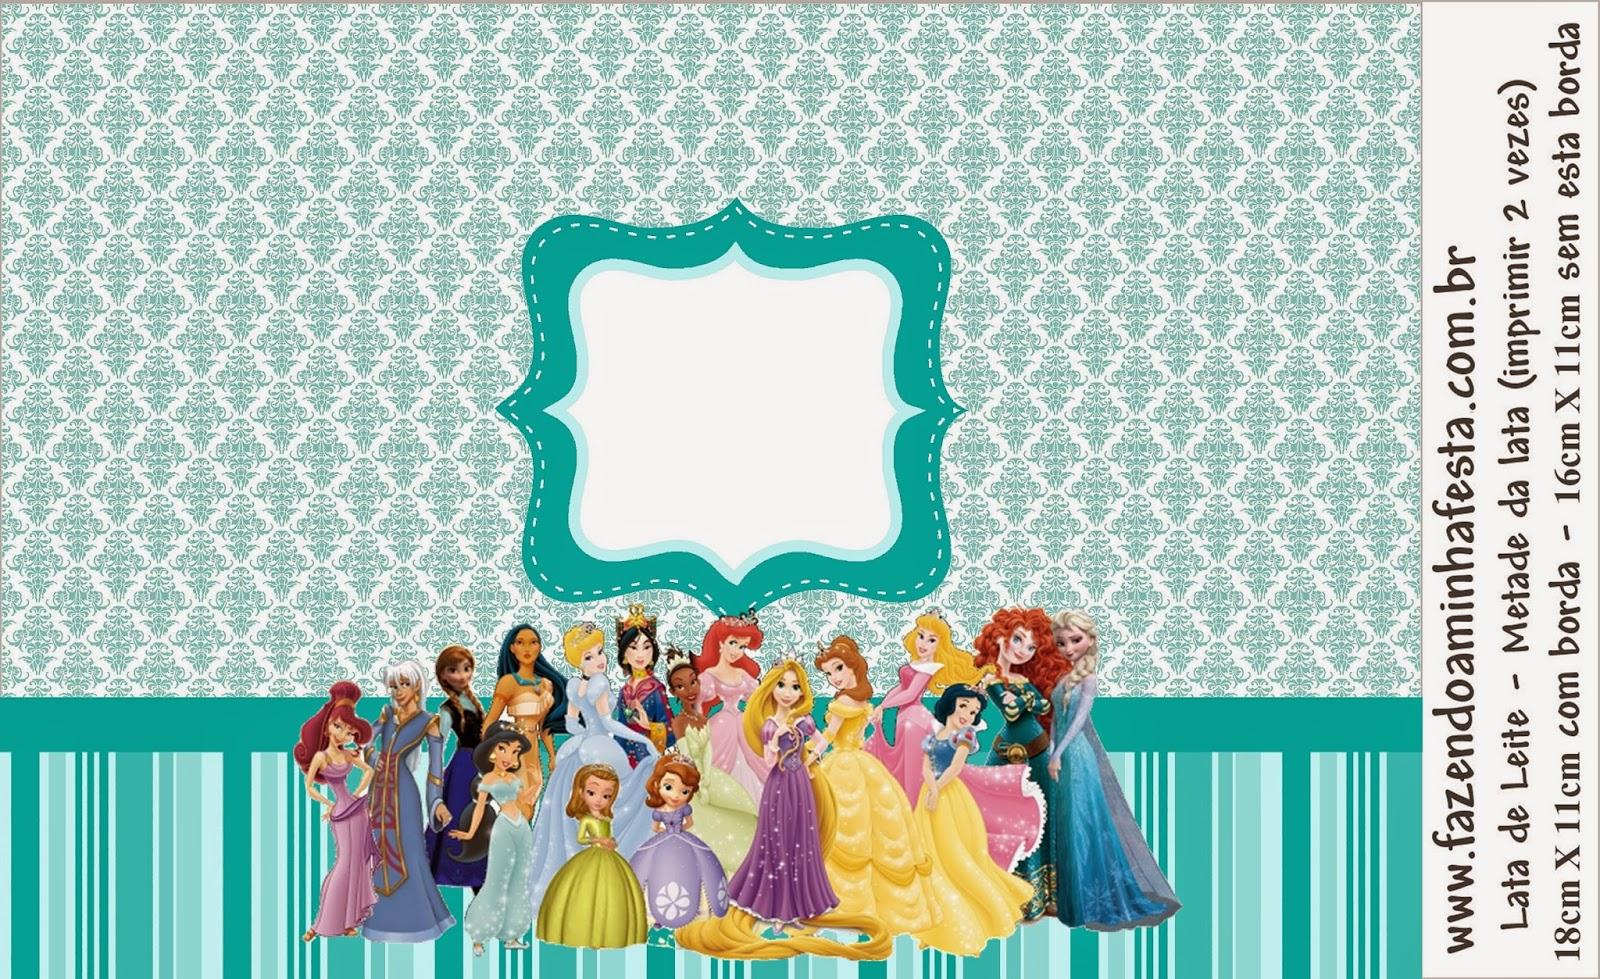 Etiquetas de Todas las Princesa Disney para imprimir gratis.